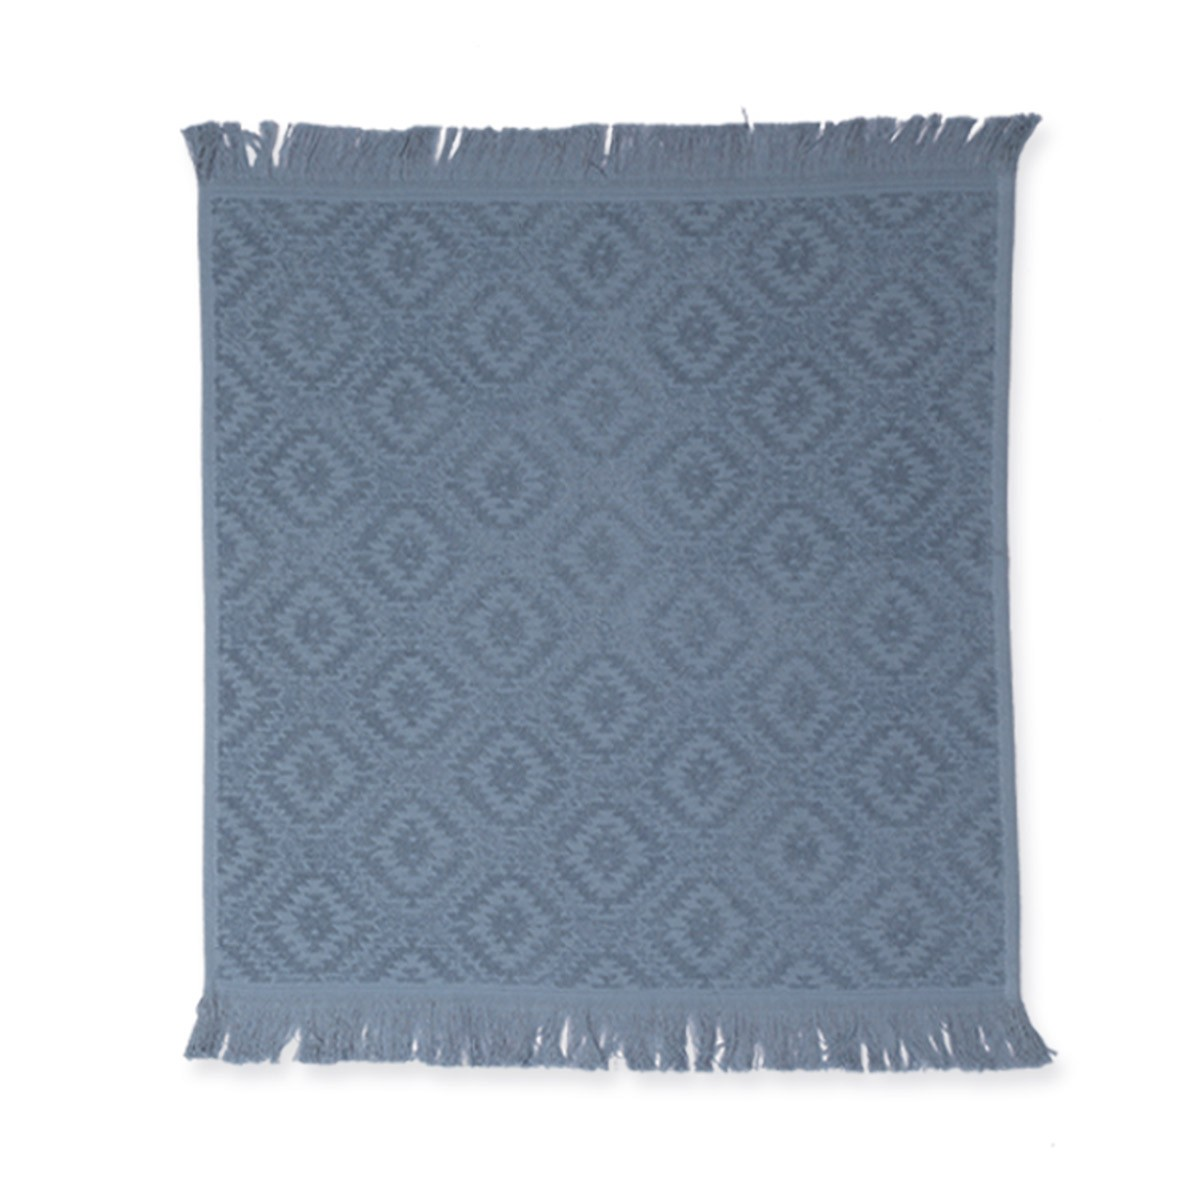 Πετσέτα Κουζίνας Nef-Nef Inkas Blue 88673